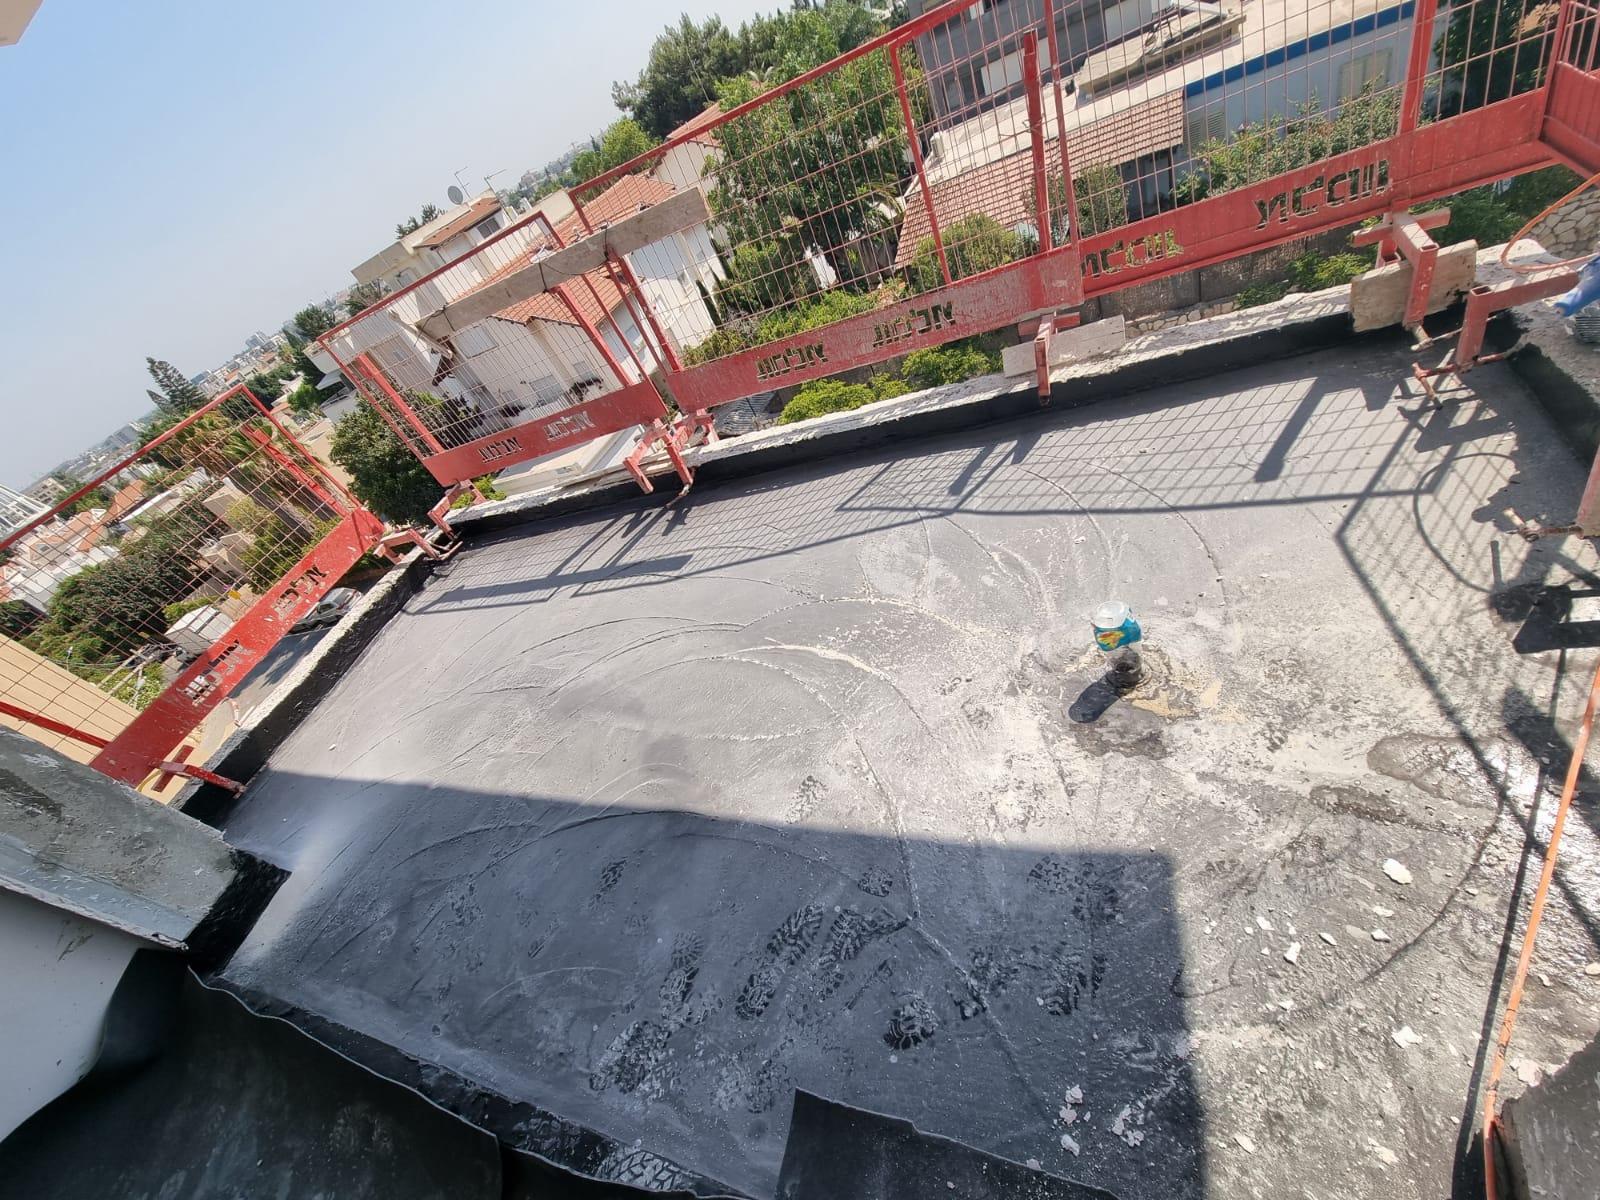 עבודות אינסטלציה וחשמל, בטון ושיפועים בגג עליון 12.08.2021